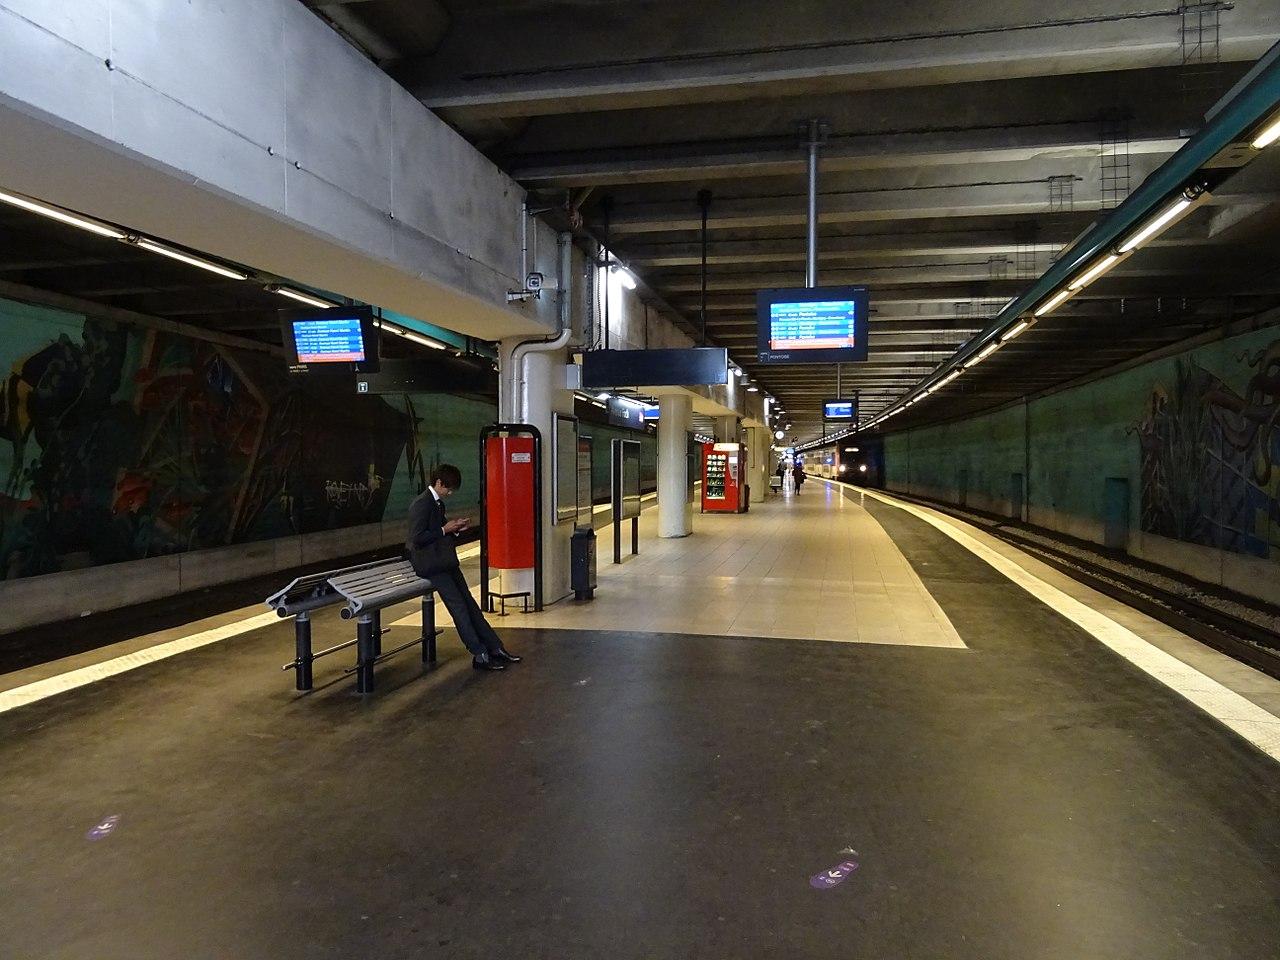 File:Quai gare de l\'avenue Foch.jpg - Wikimedia Commons